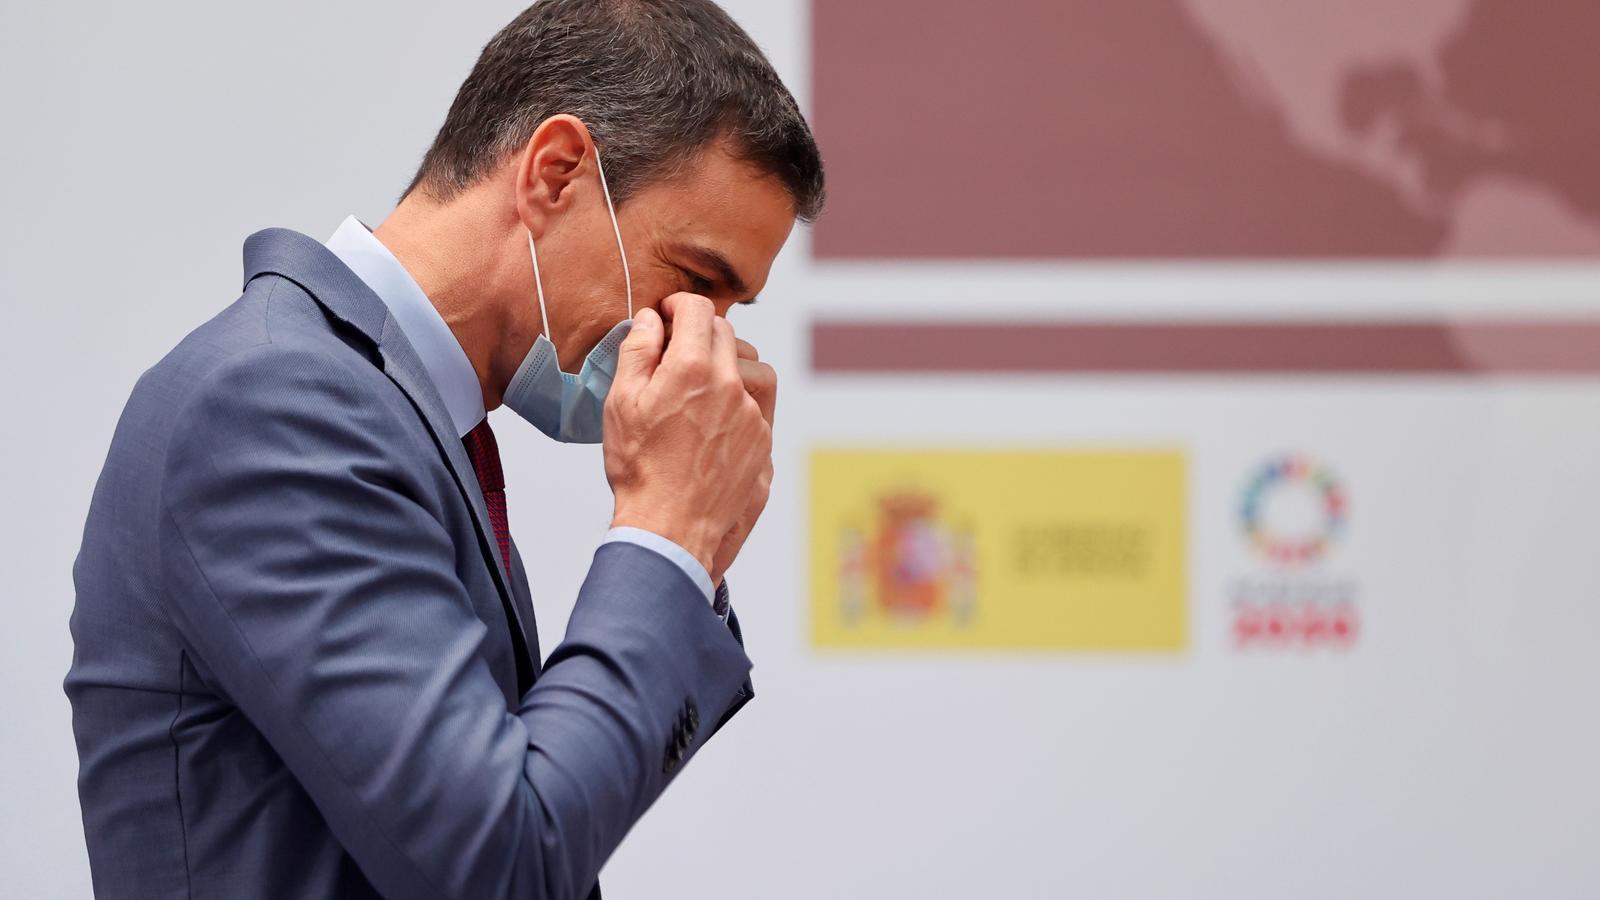 El president del govern espanyol, Pedro Sánchez, durant un acte a la Moncloa.